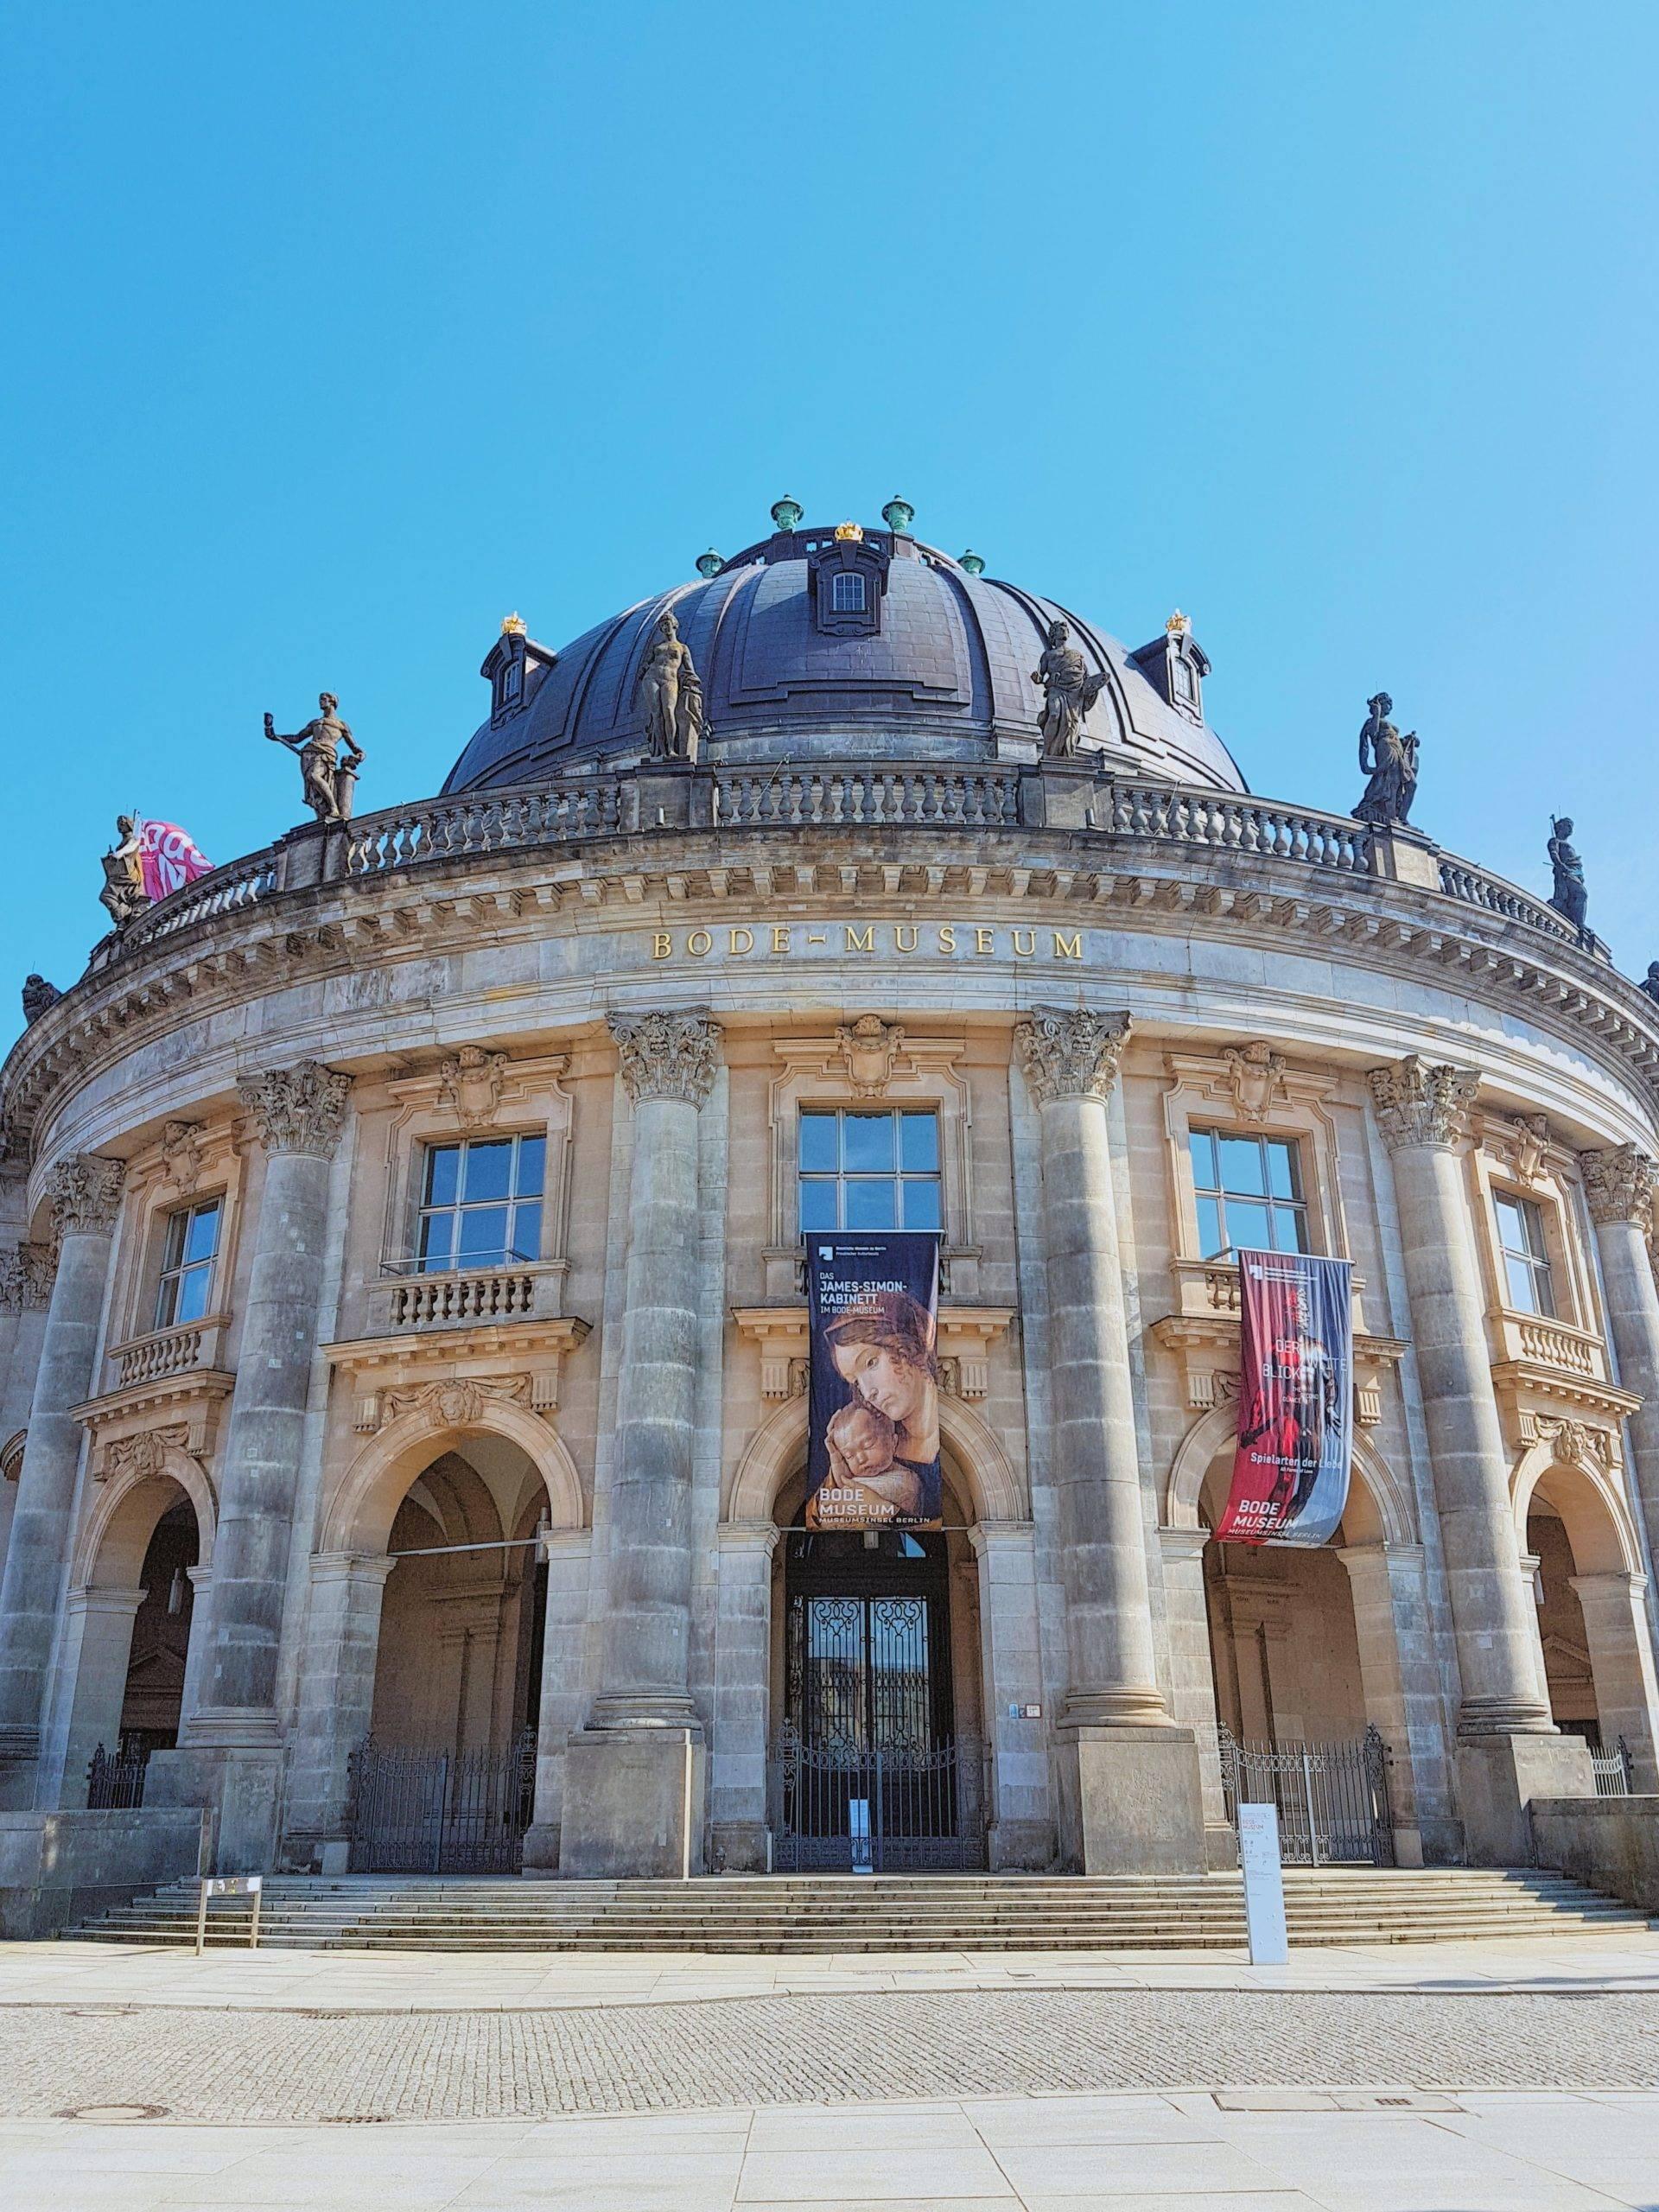 Berliner Bode-Museum